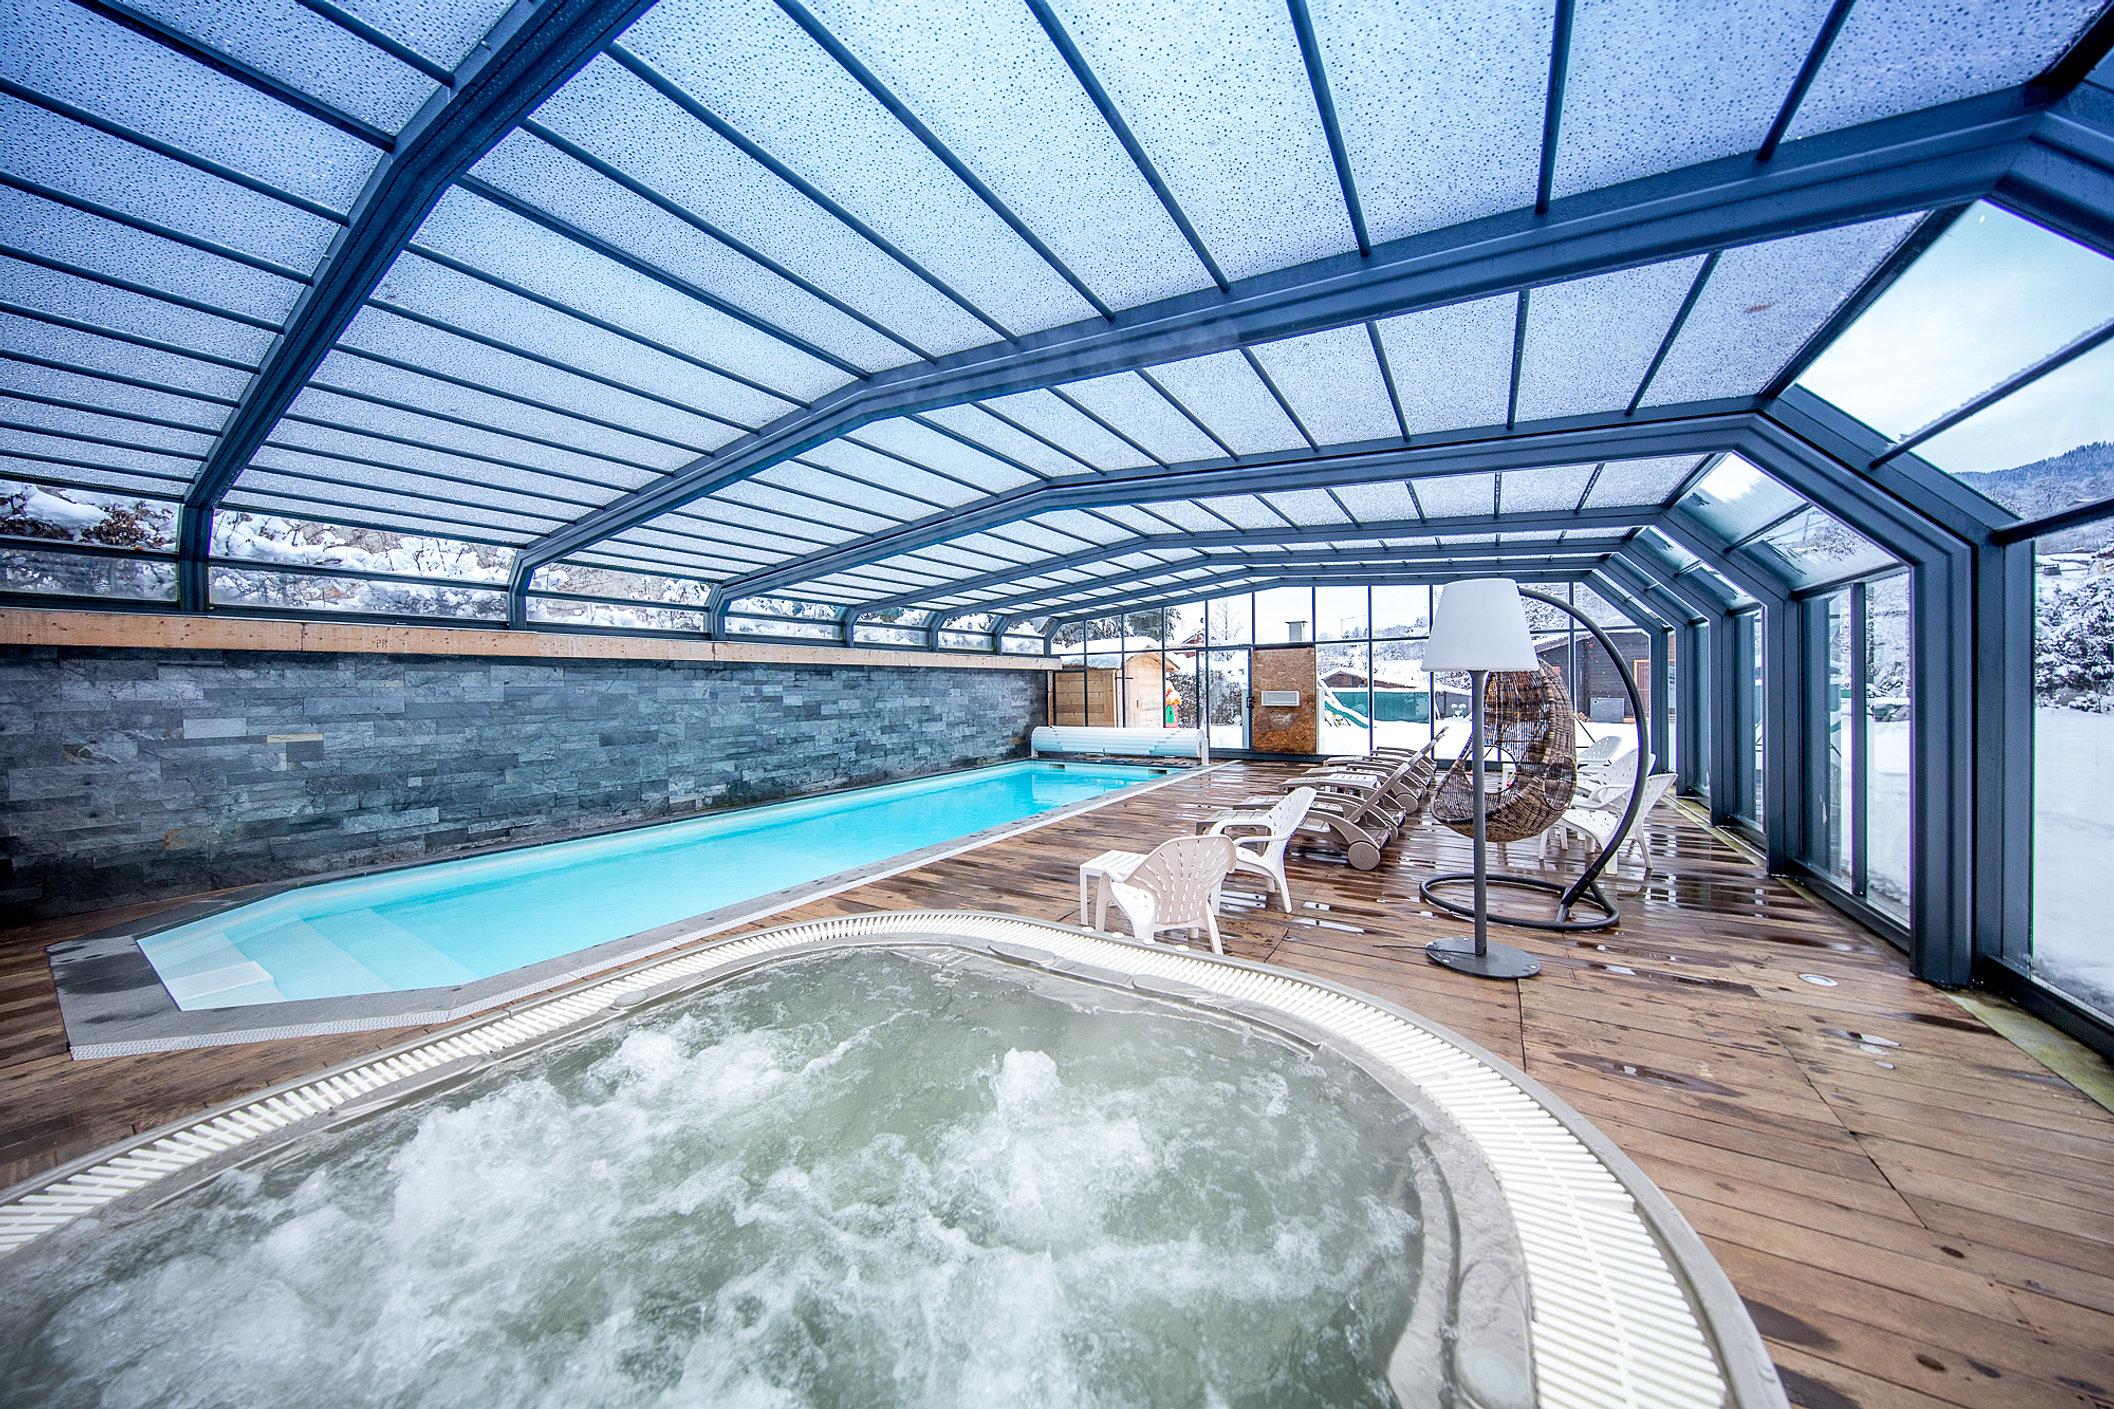 Piscine spa sauna hotel gai soleil samoens for Piscine samoens